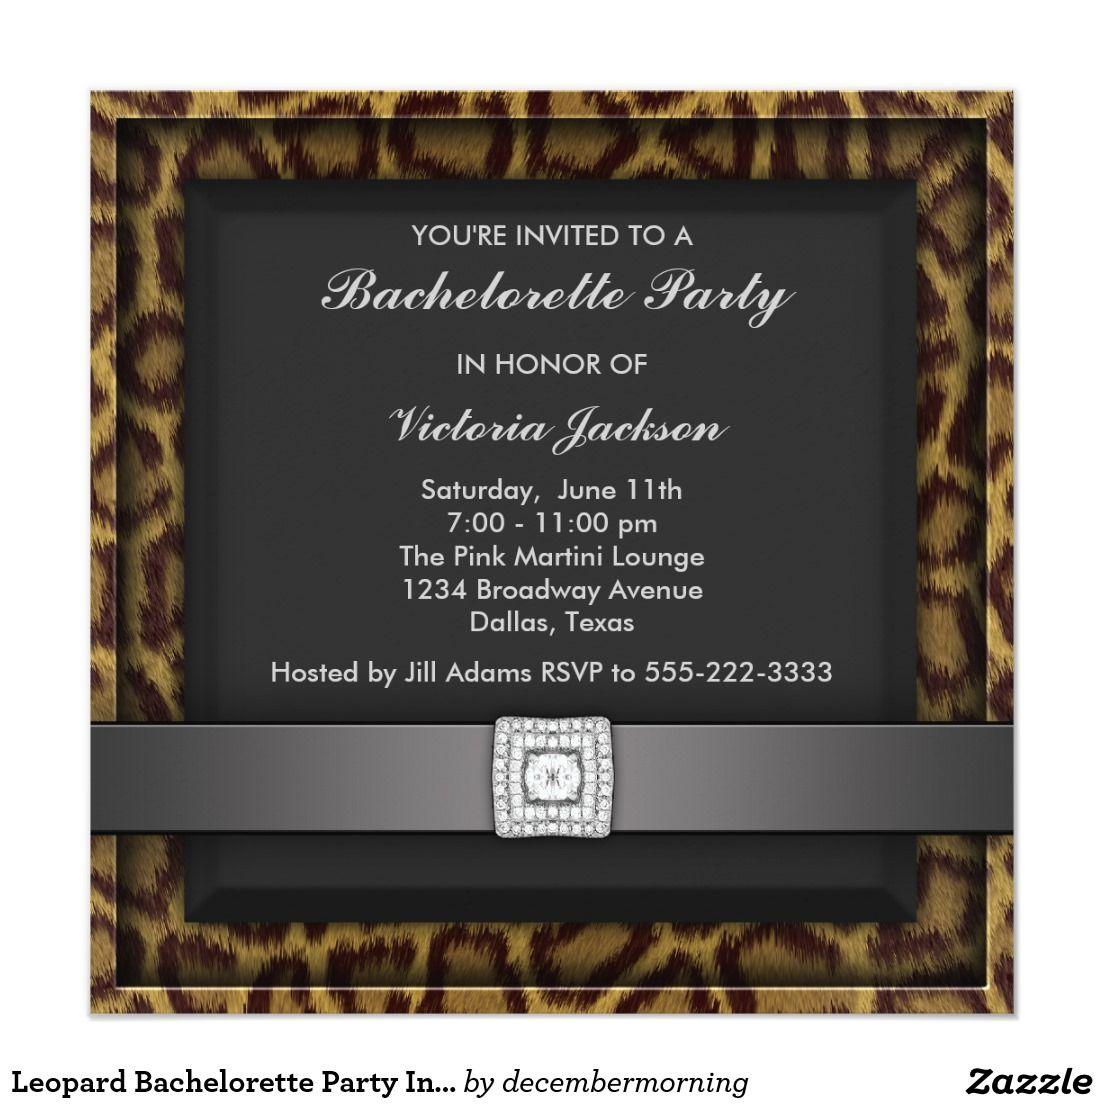 Leopard Bachelorette Party Invitation | Bachelorette parties and ...